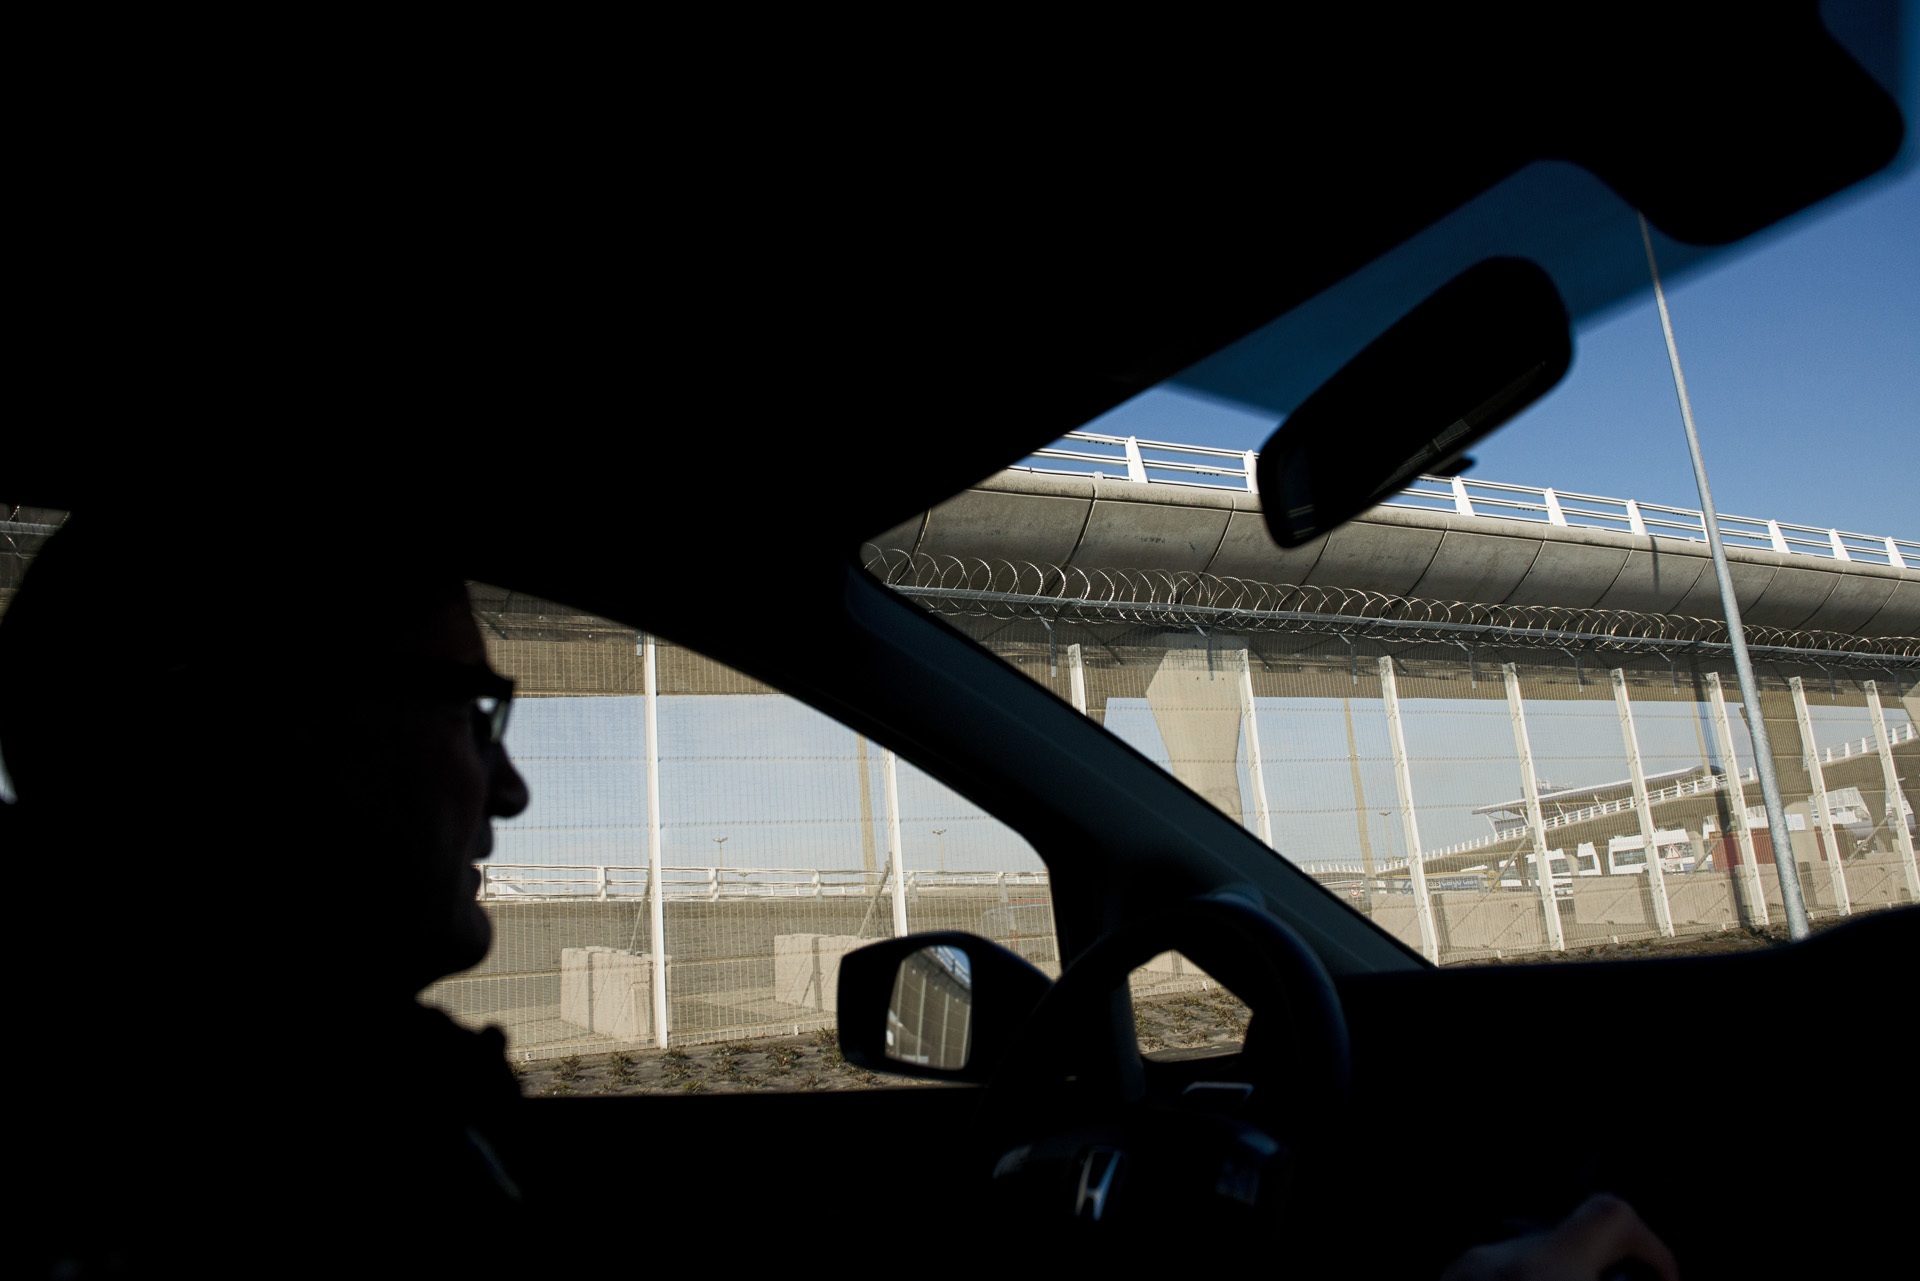 Les alentours du port et du tunnel sous la Manche ont été sécurisés sur plusieurs centaines de mètres avec des grilles hautes de près de trois mètres. Malgré des dispositifs de sécurité de plus en plus imposants, certain parviennent à rallier l'Angleterre et entretiennent l'espoir de ceux qui rêvent d'atteindre cet Eldorado !